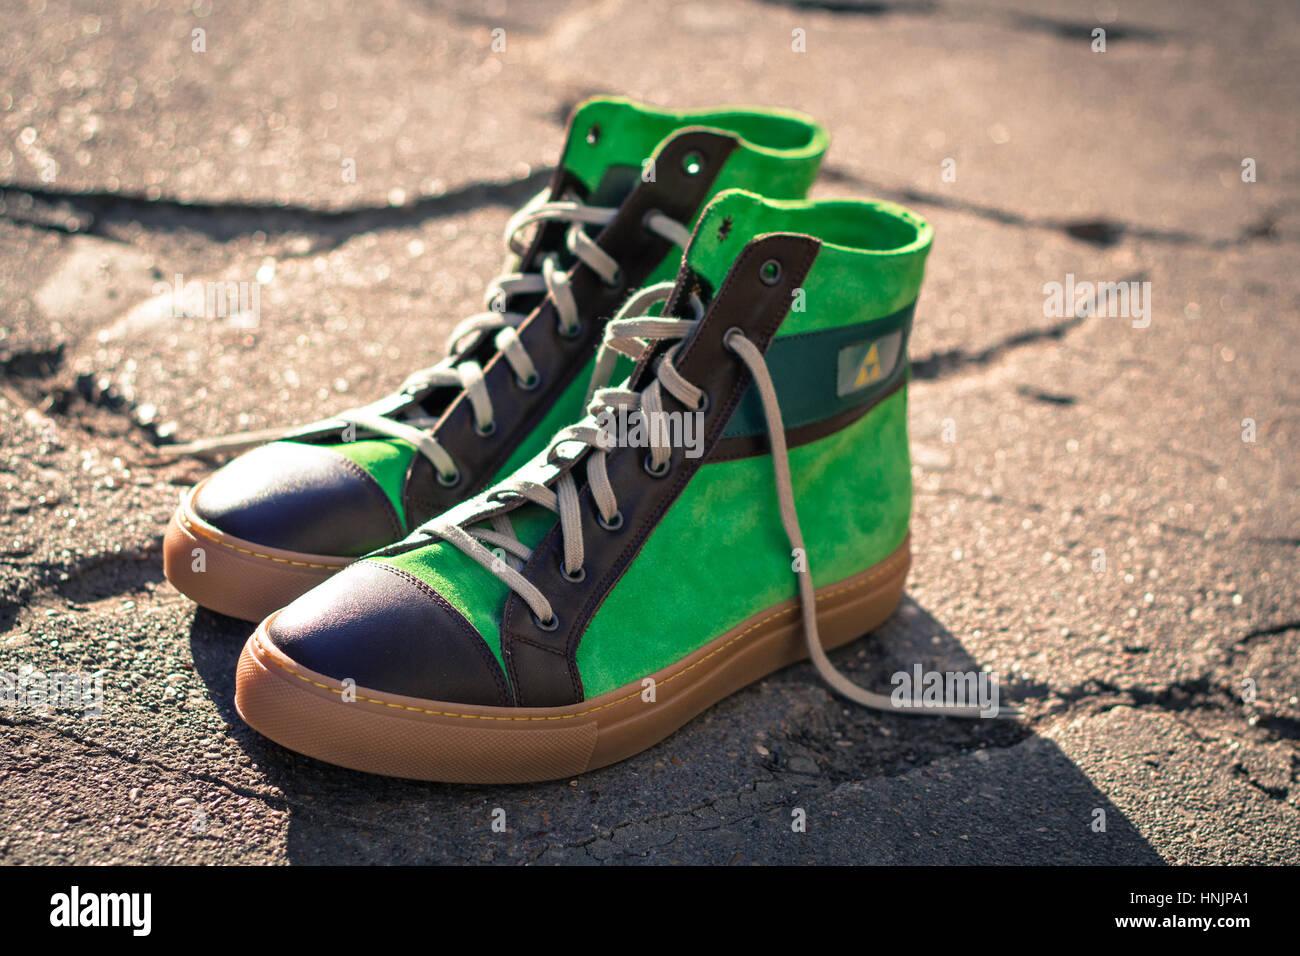 Legend of Zelda Inspired Custom Sneakers - Stock Image